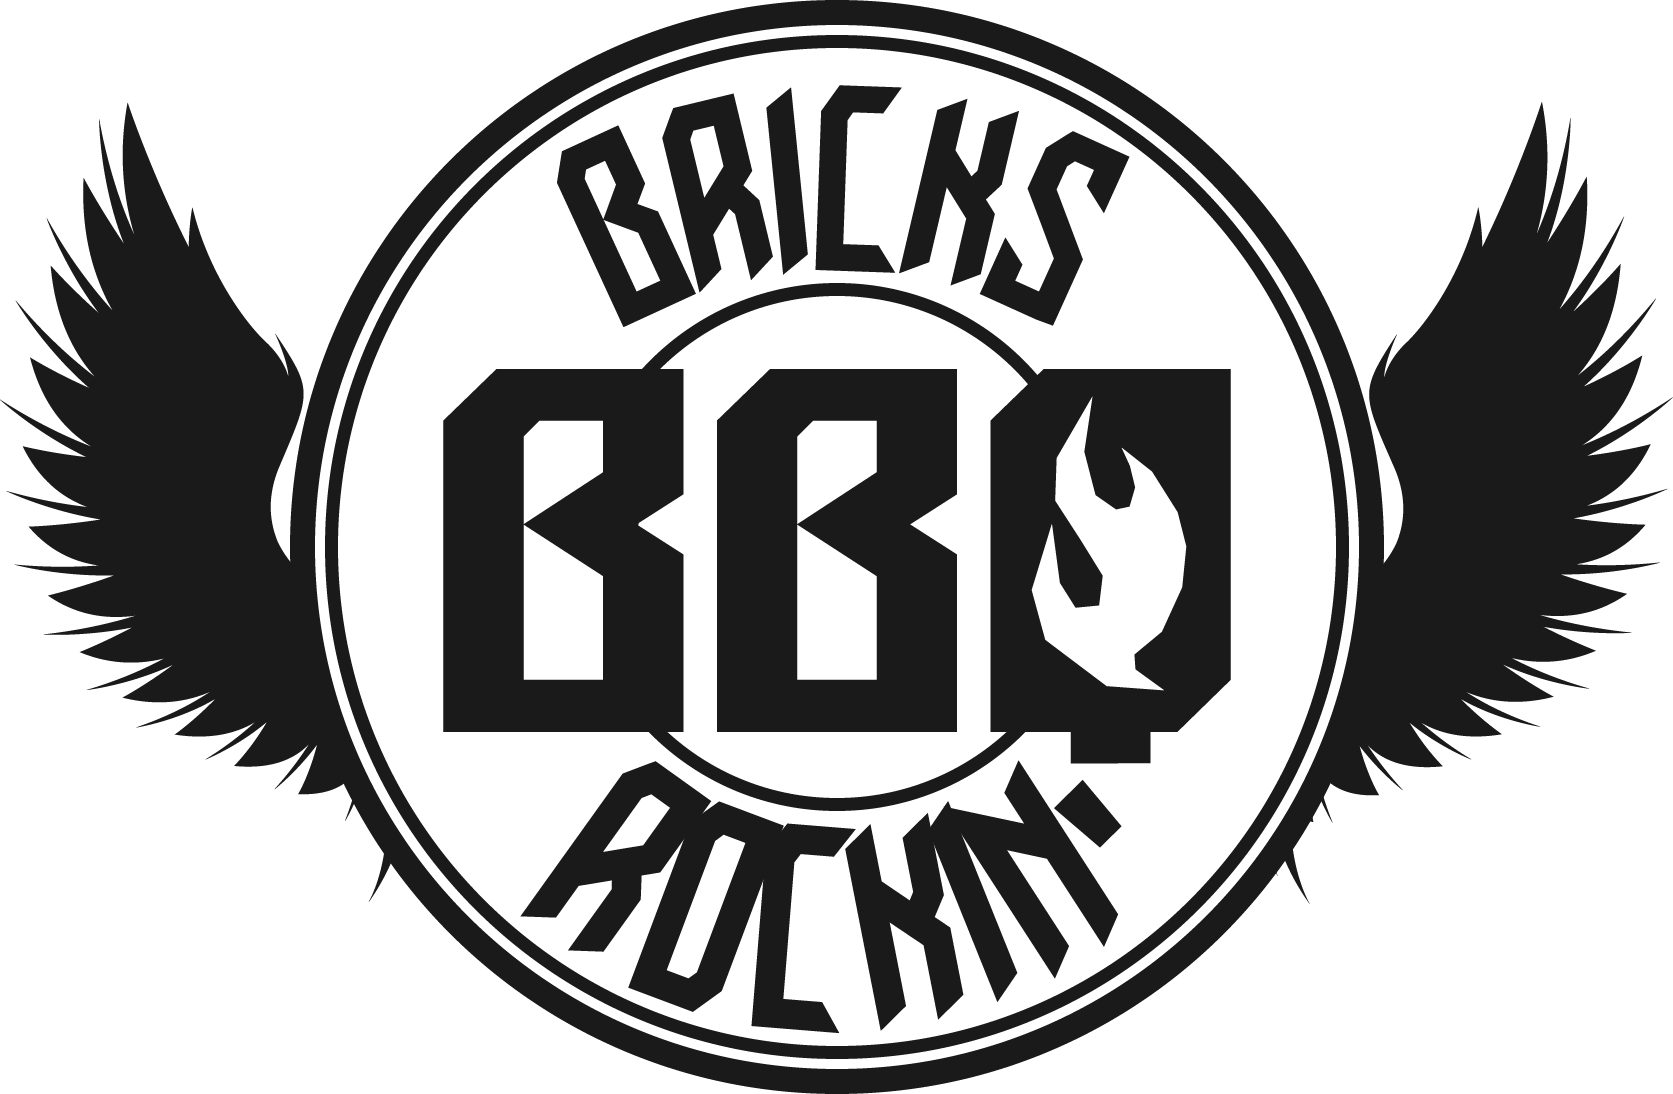 Bricks Rockin' BBQ